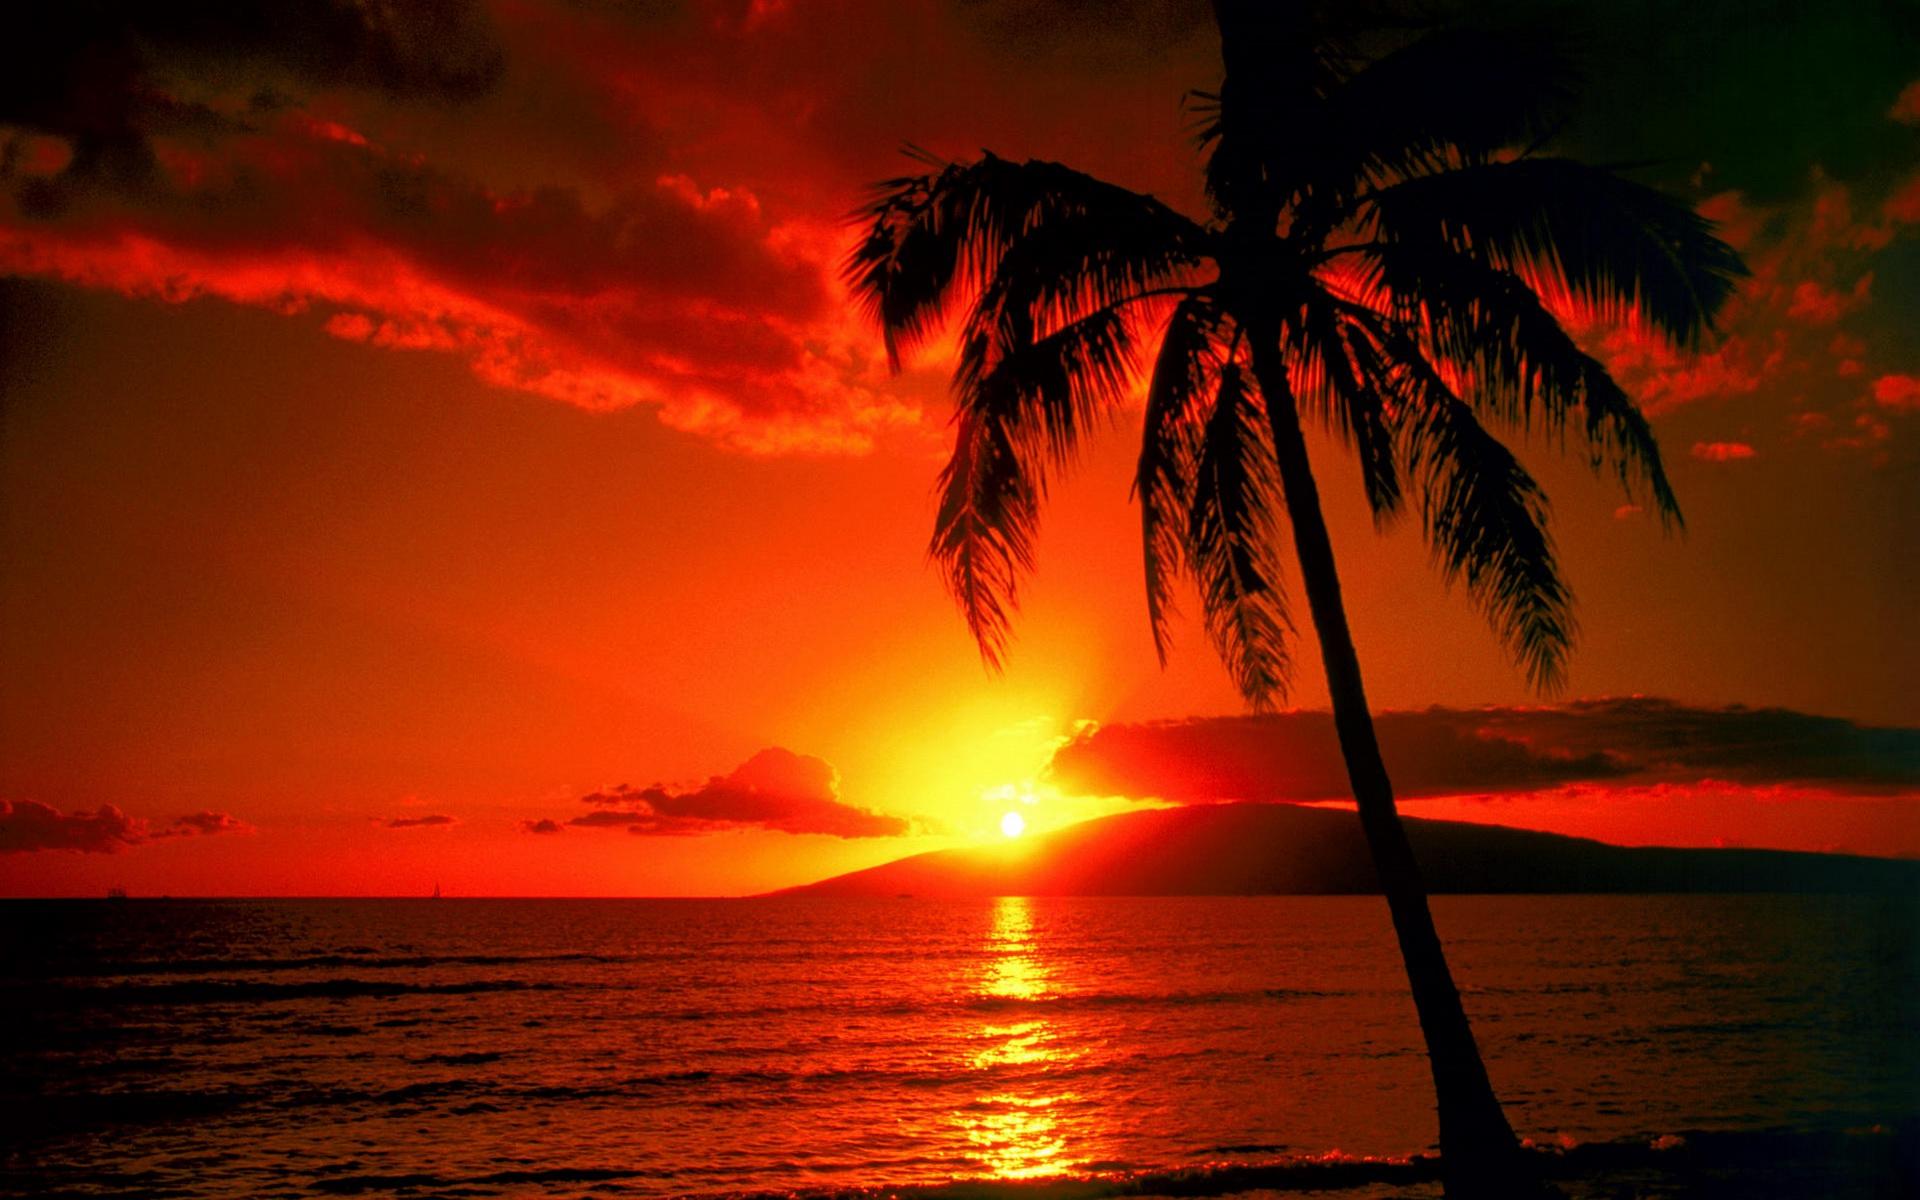 Beach Sunset Wallpaper Evening Hd Desktop Wallpapers 4k Hd